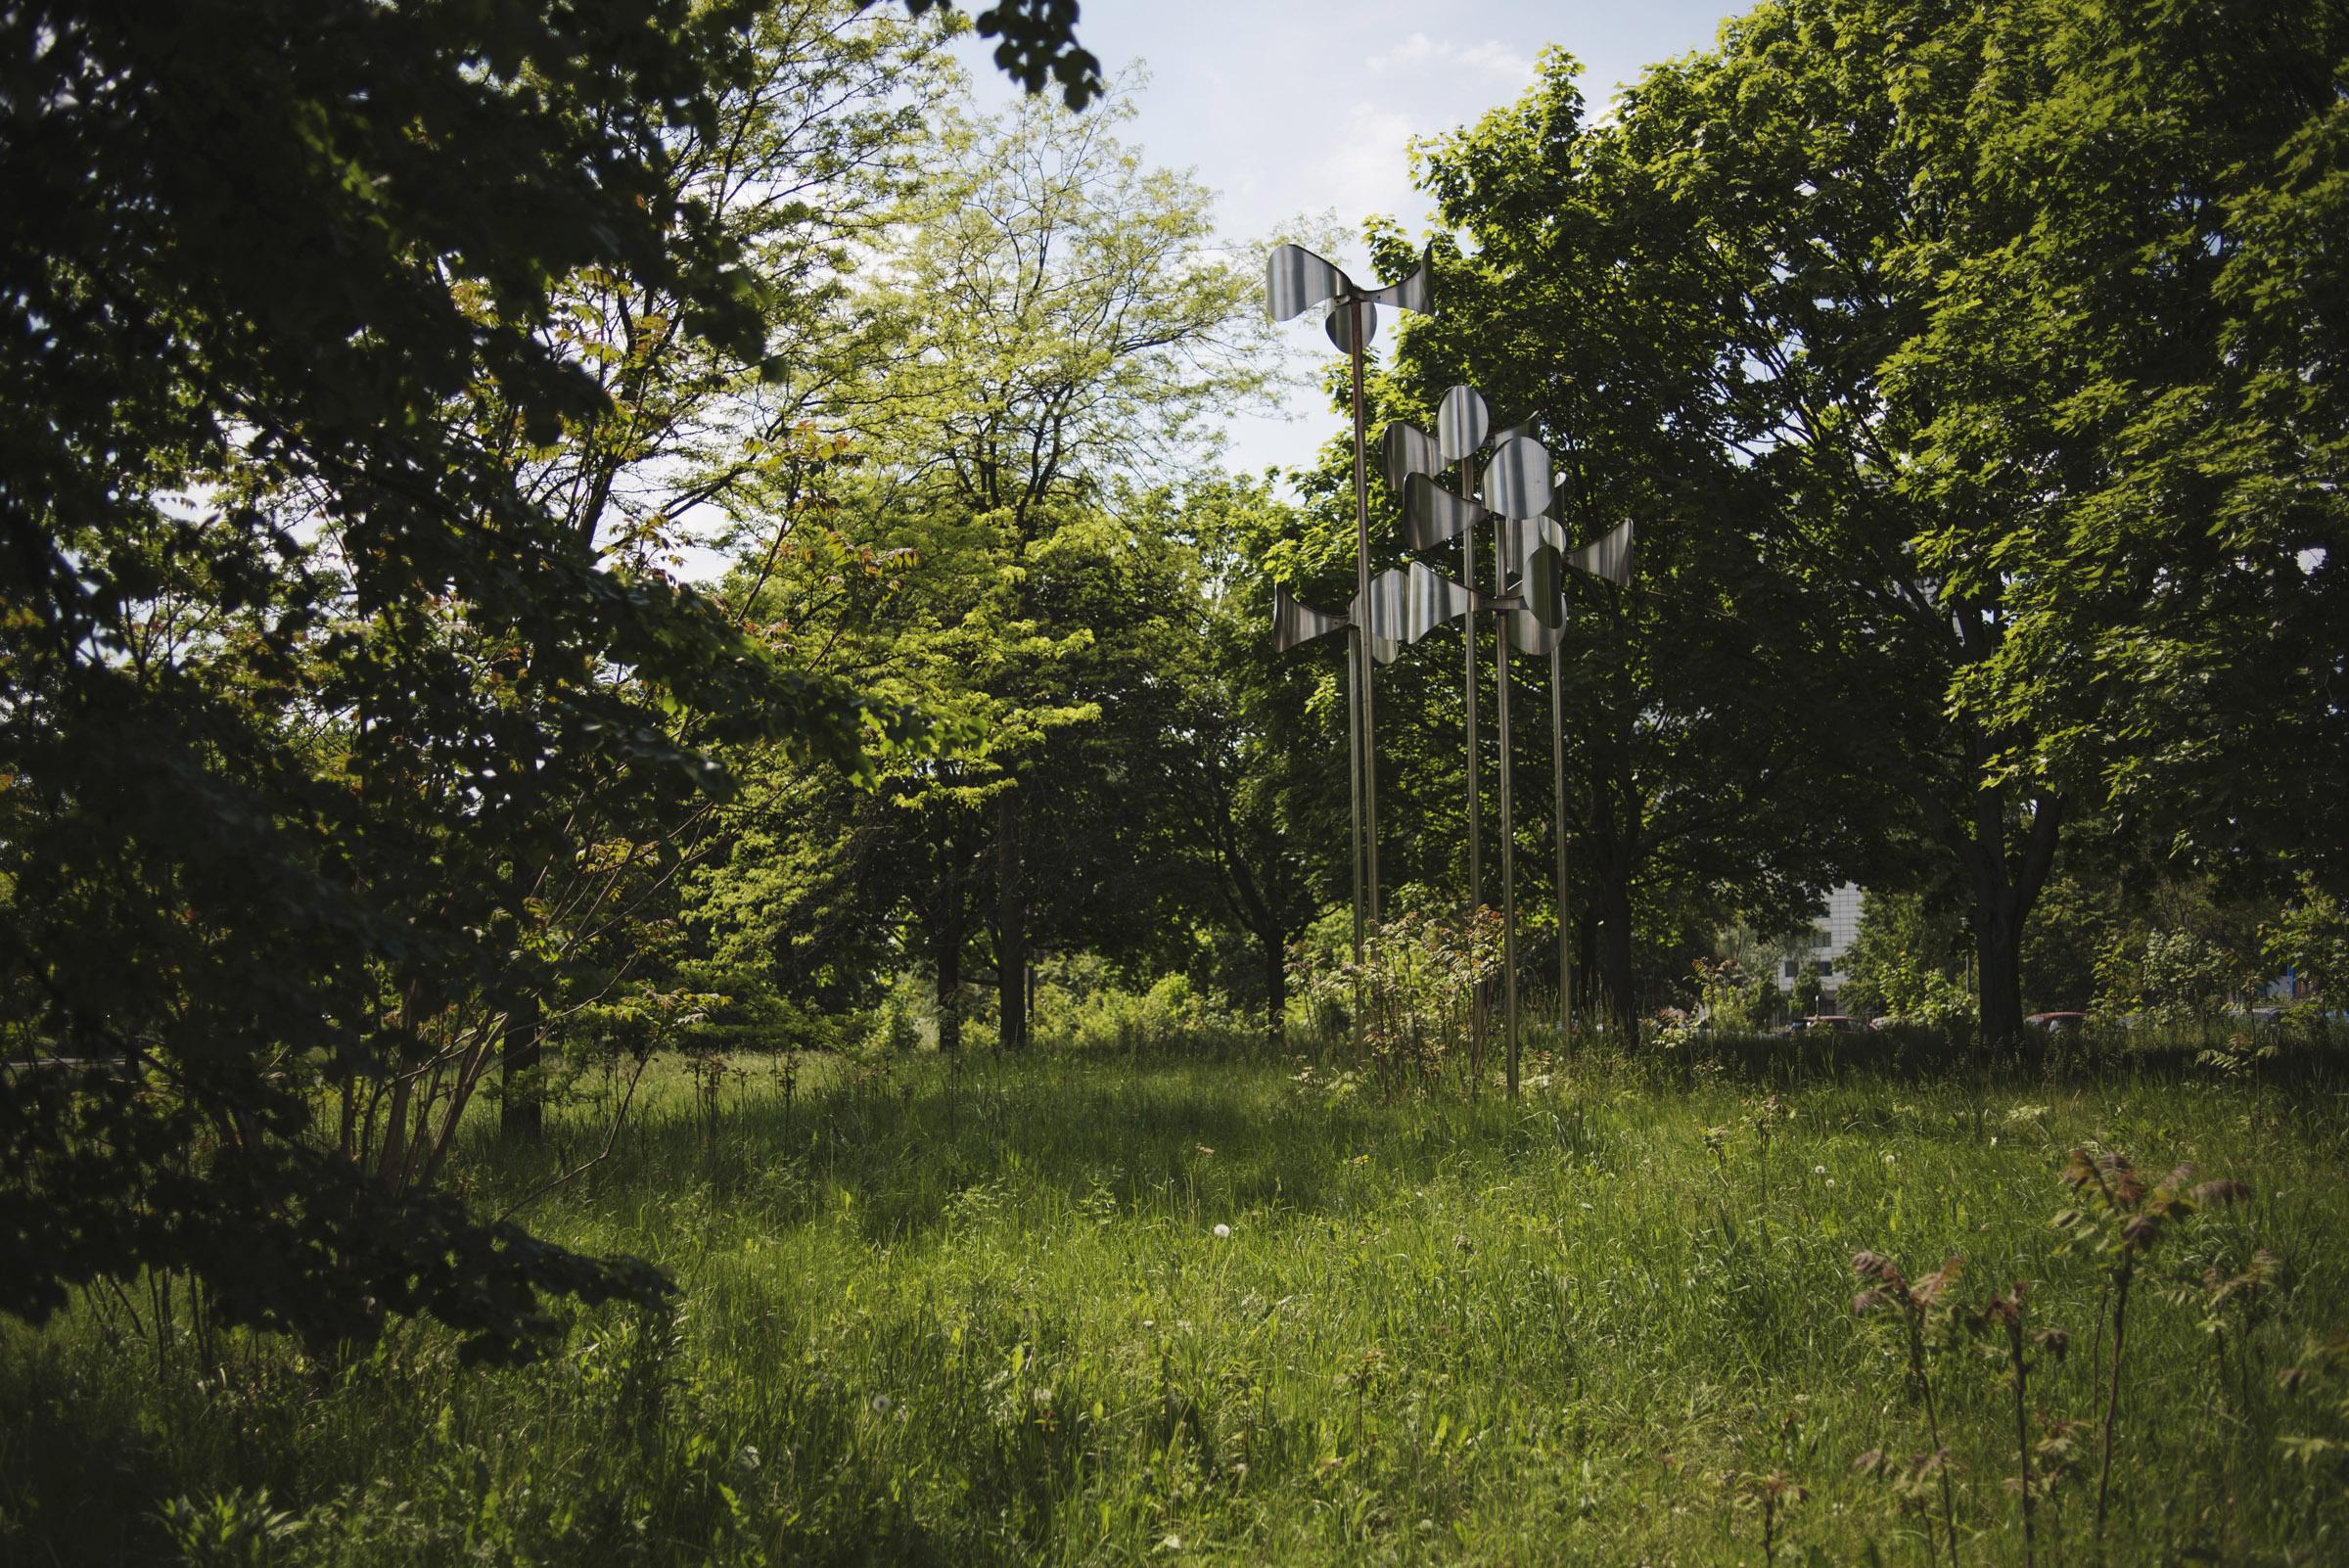 Marzahn | Eine neue Folge von Z² – Zahn und Zieger unterwegs | Foto: René Zieger | GROSS∆RTIG